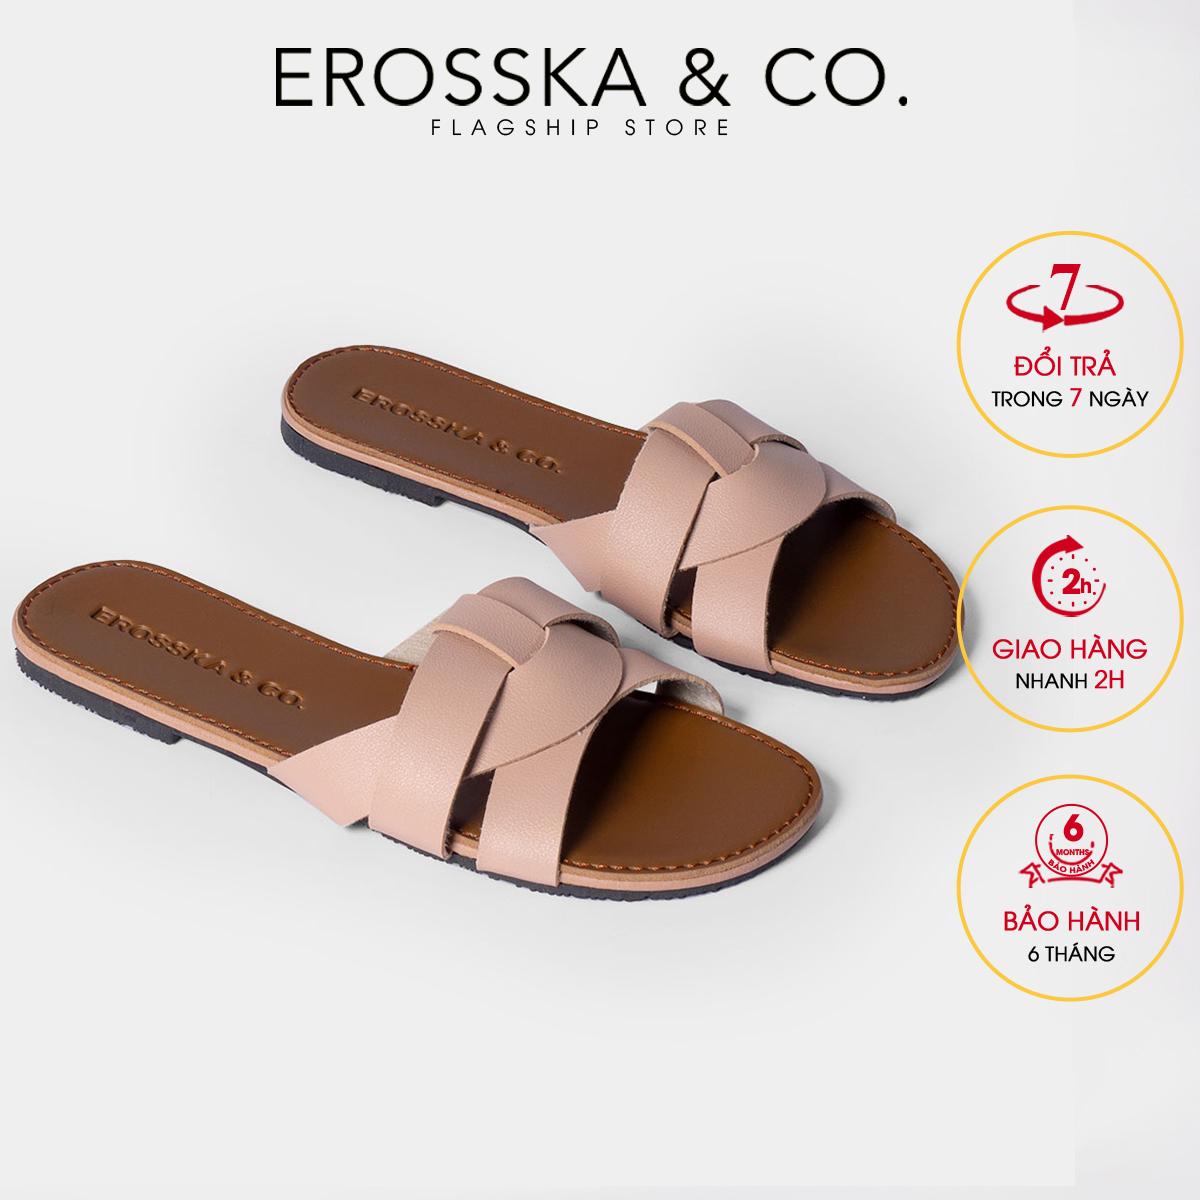 Dép nữ thời trang Erosska quai ngang đan chéo đế bệt kiểu dáng đơn giản DE028